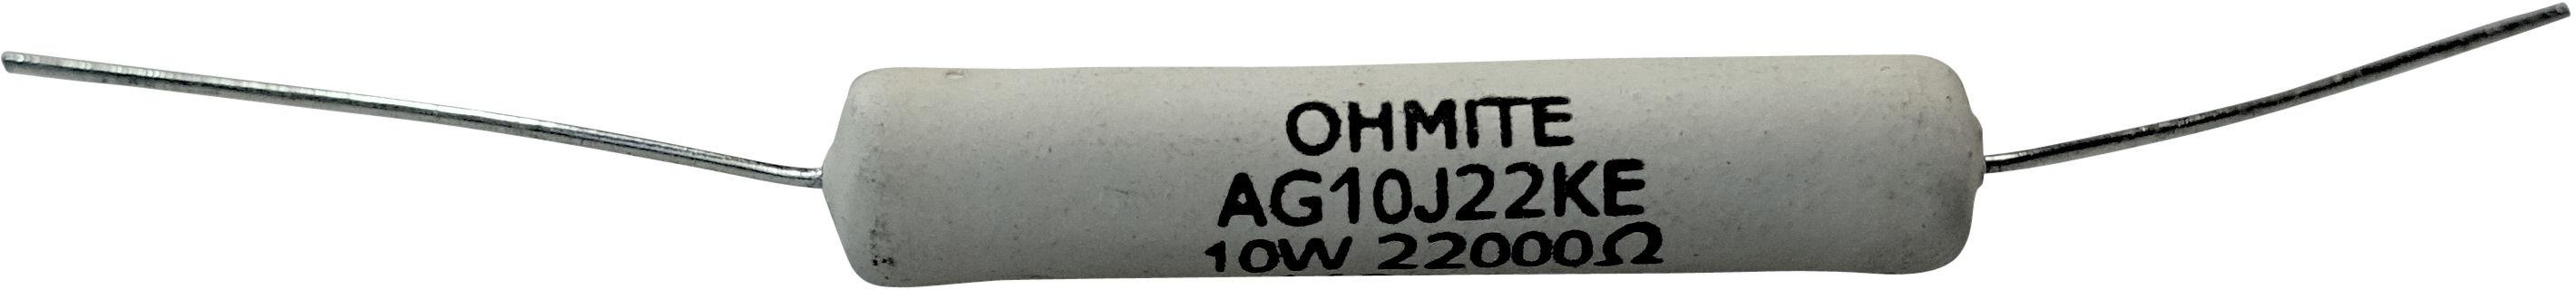 Ohmite Audio Gold 10W - 150 Ohm